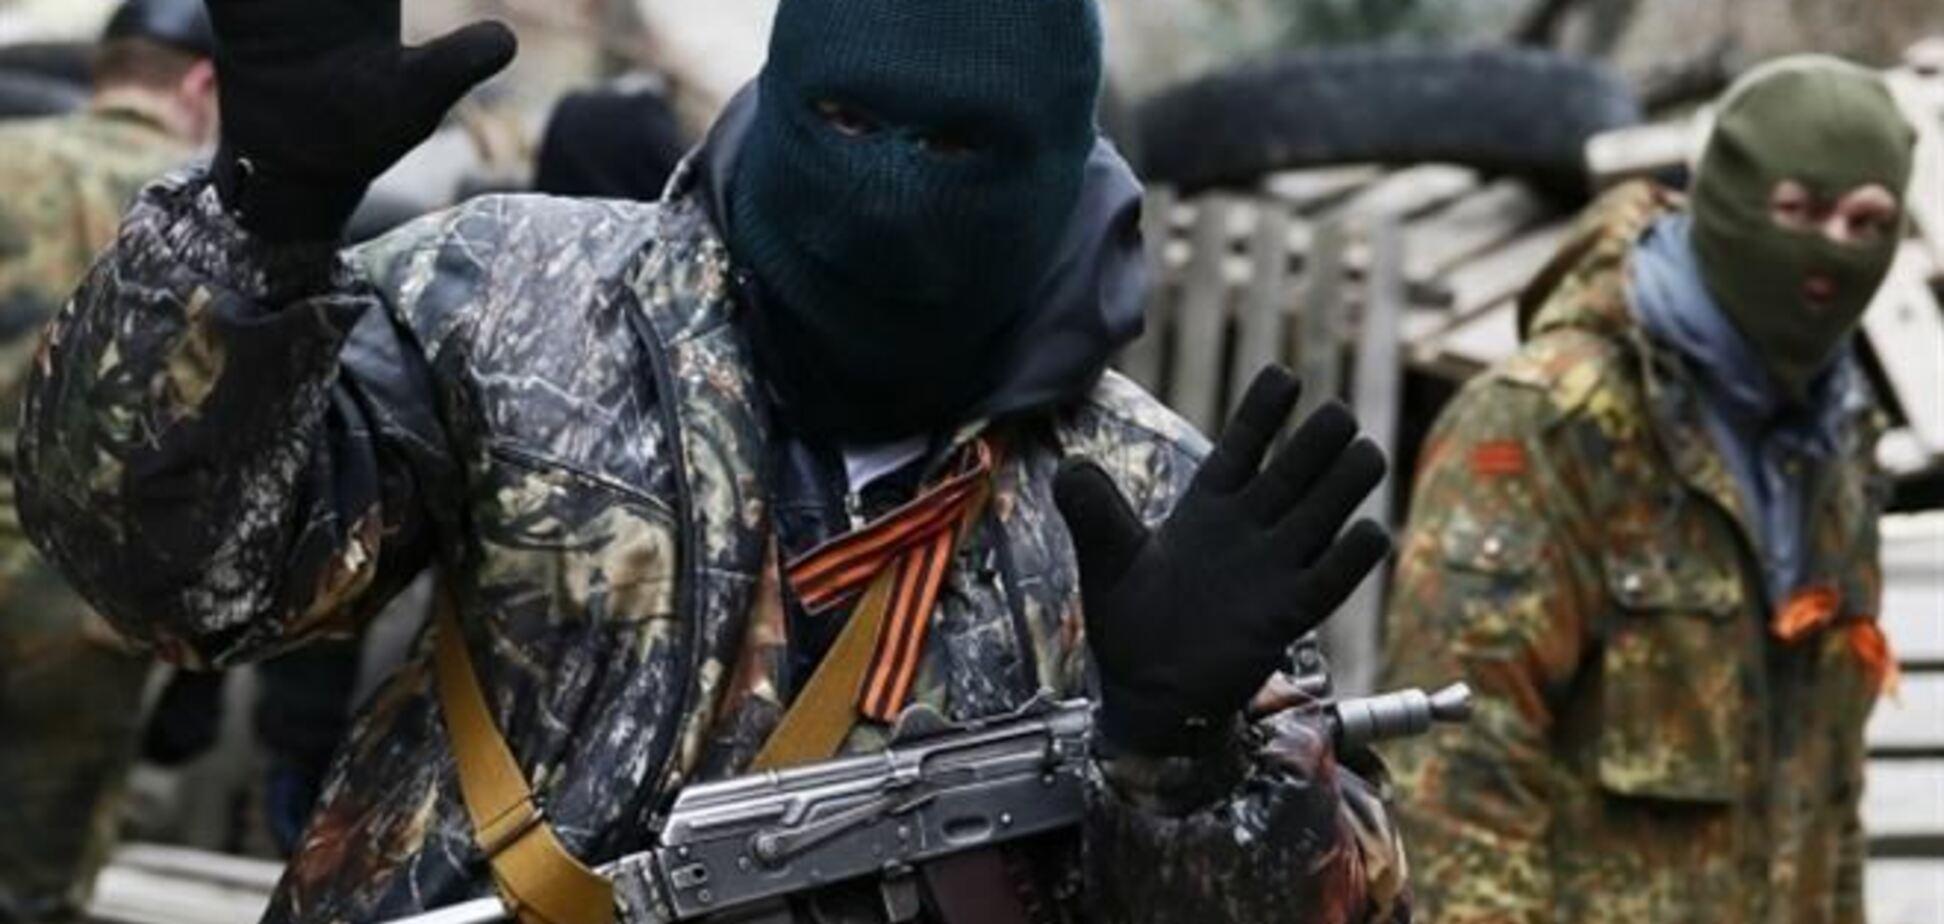 В центре Славянска неизвестный открыл стрельбу: есть пострадавшие